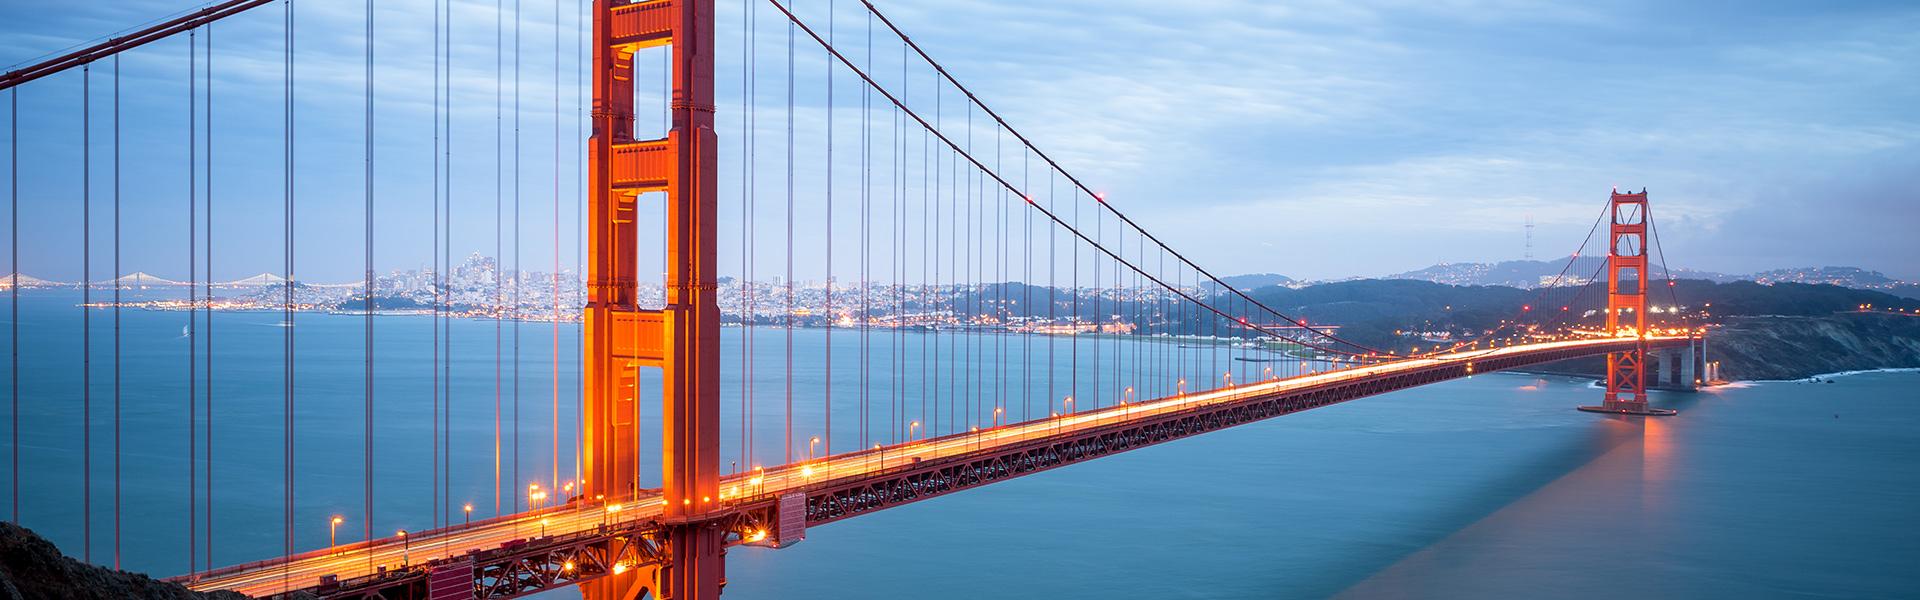 Die Golden Gate Bridge